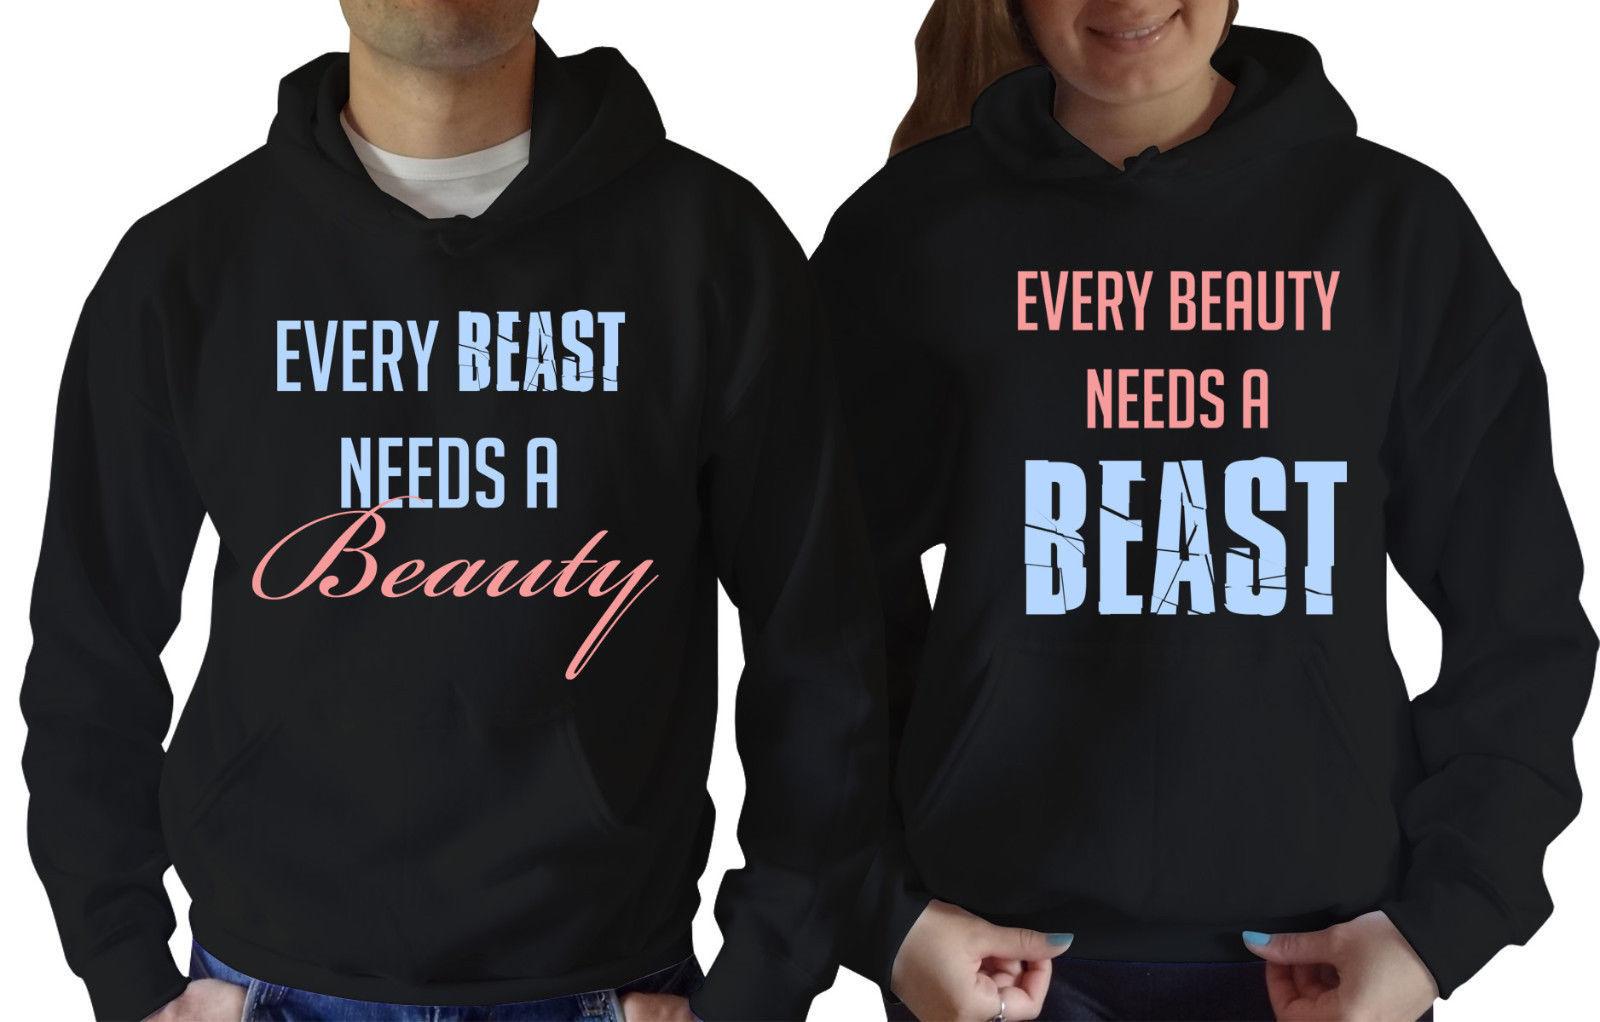 Every Beauty Needs a Beast Sweater Every Beauty Needs a Beast